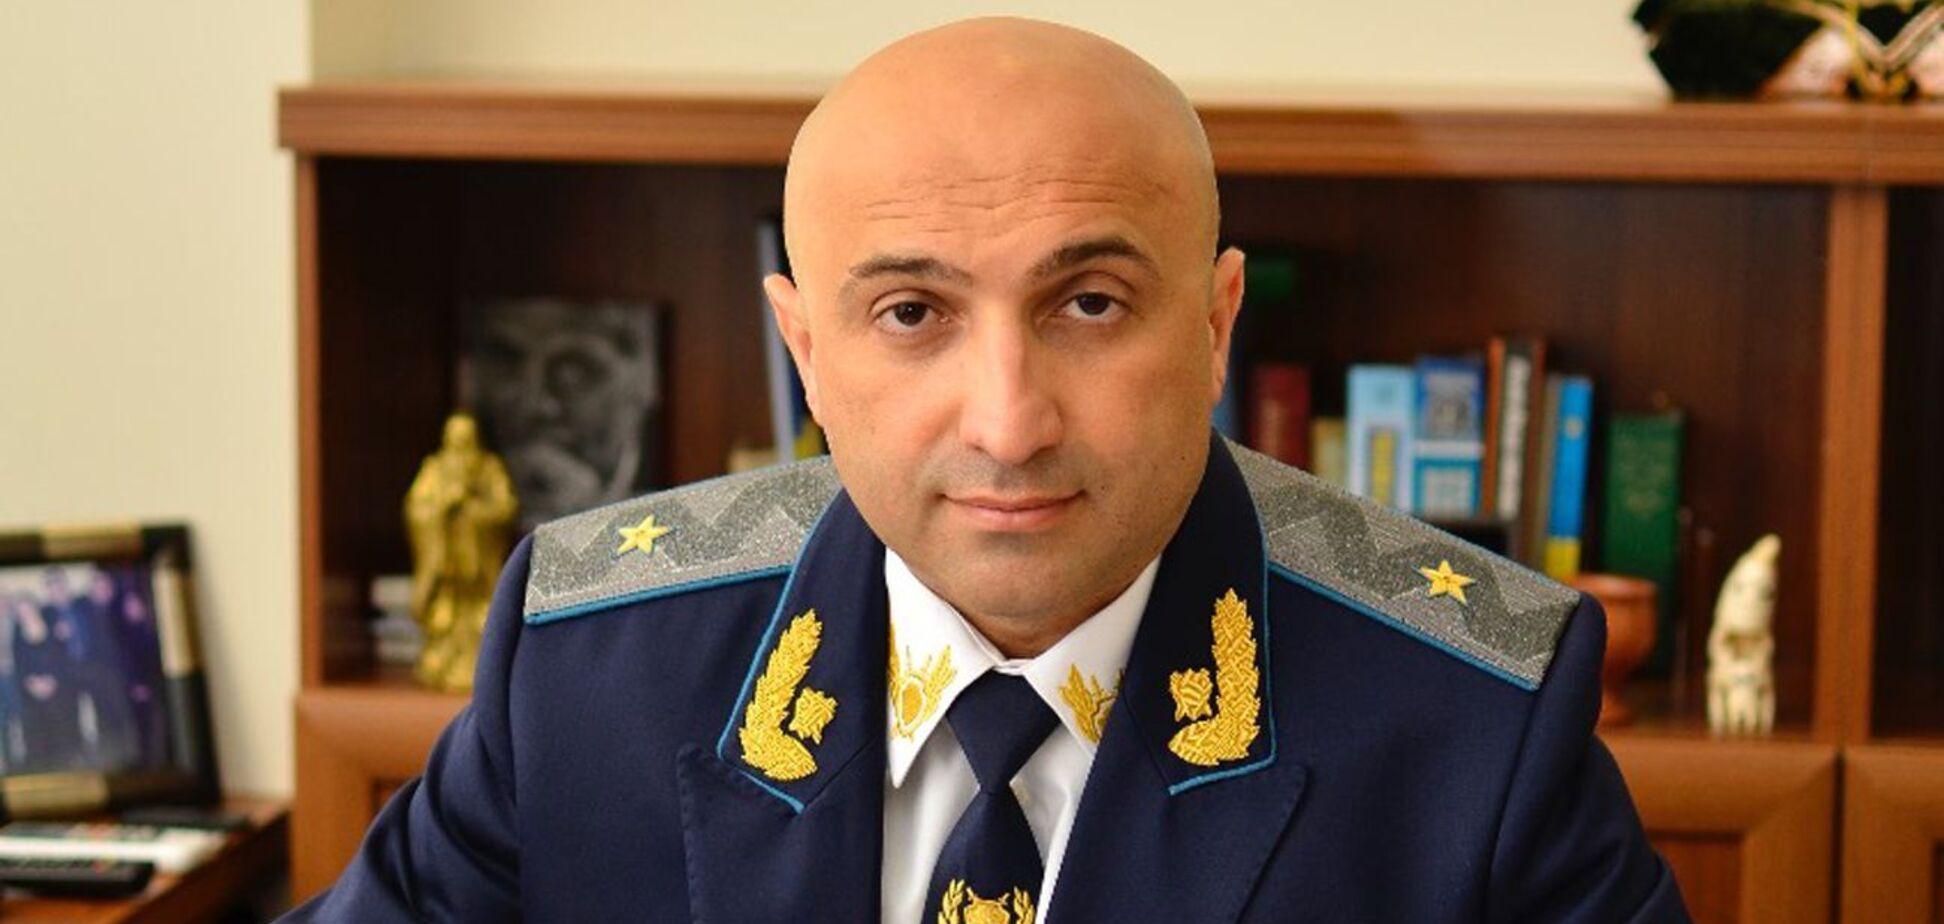 Гюндуз Мамедов рассказал об ответственности оккупантов за военные преступления